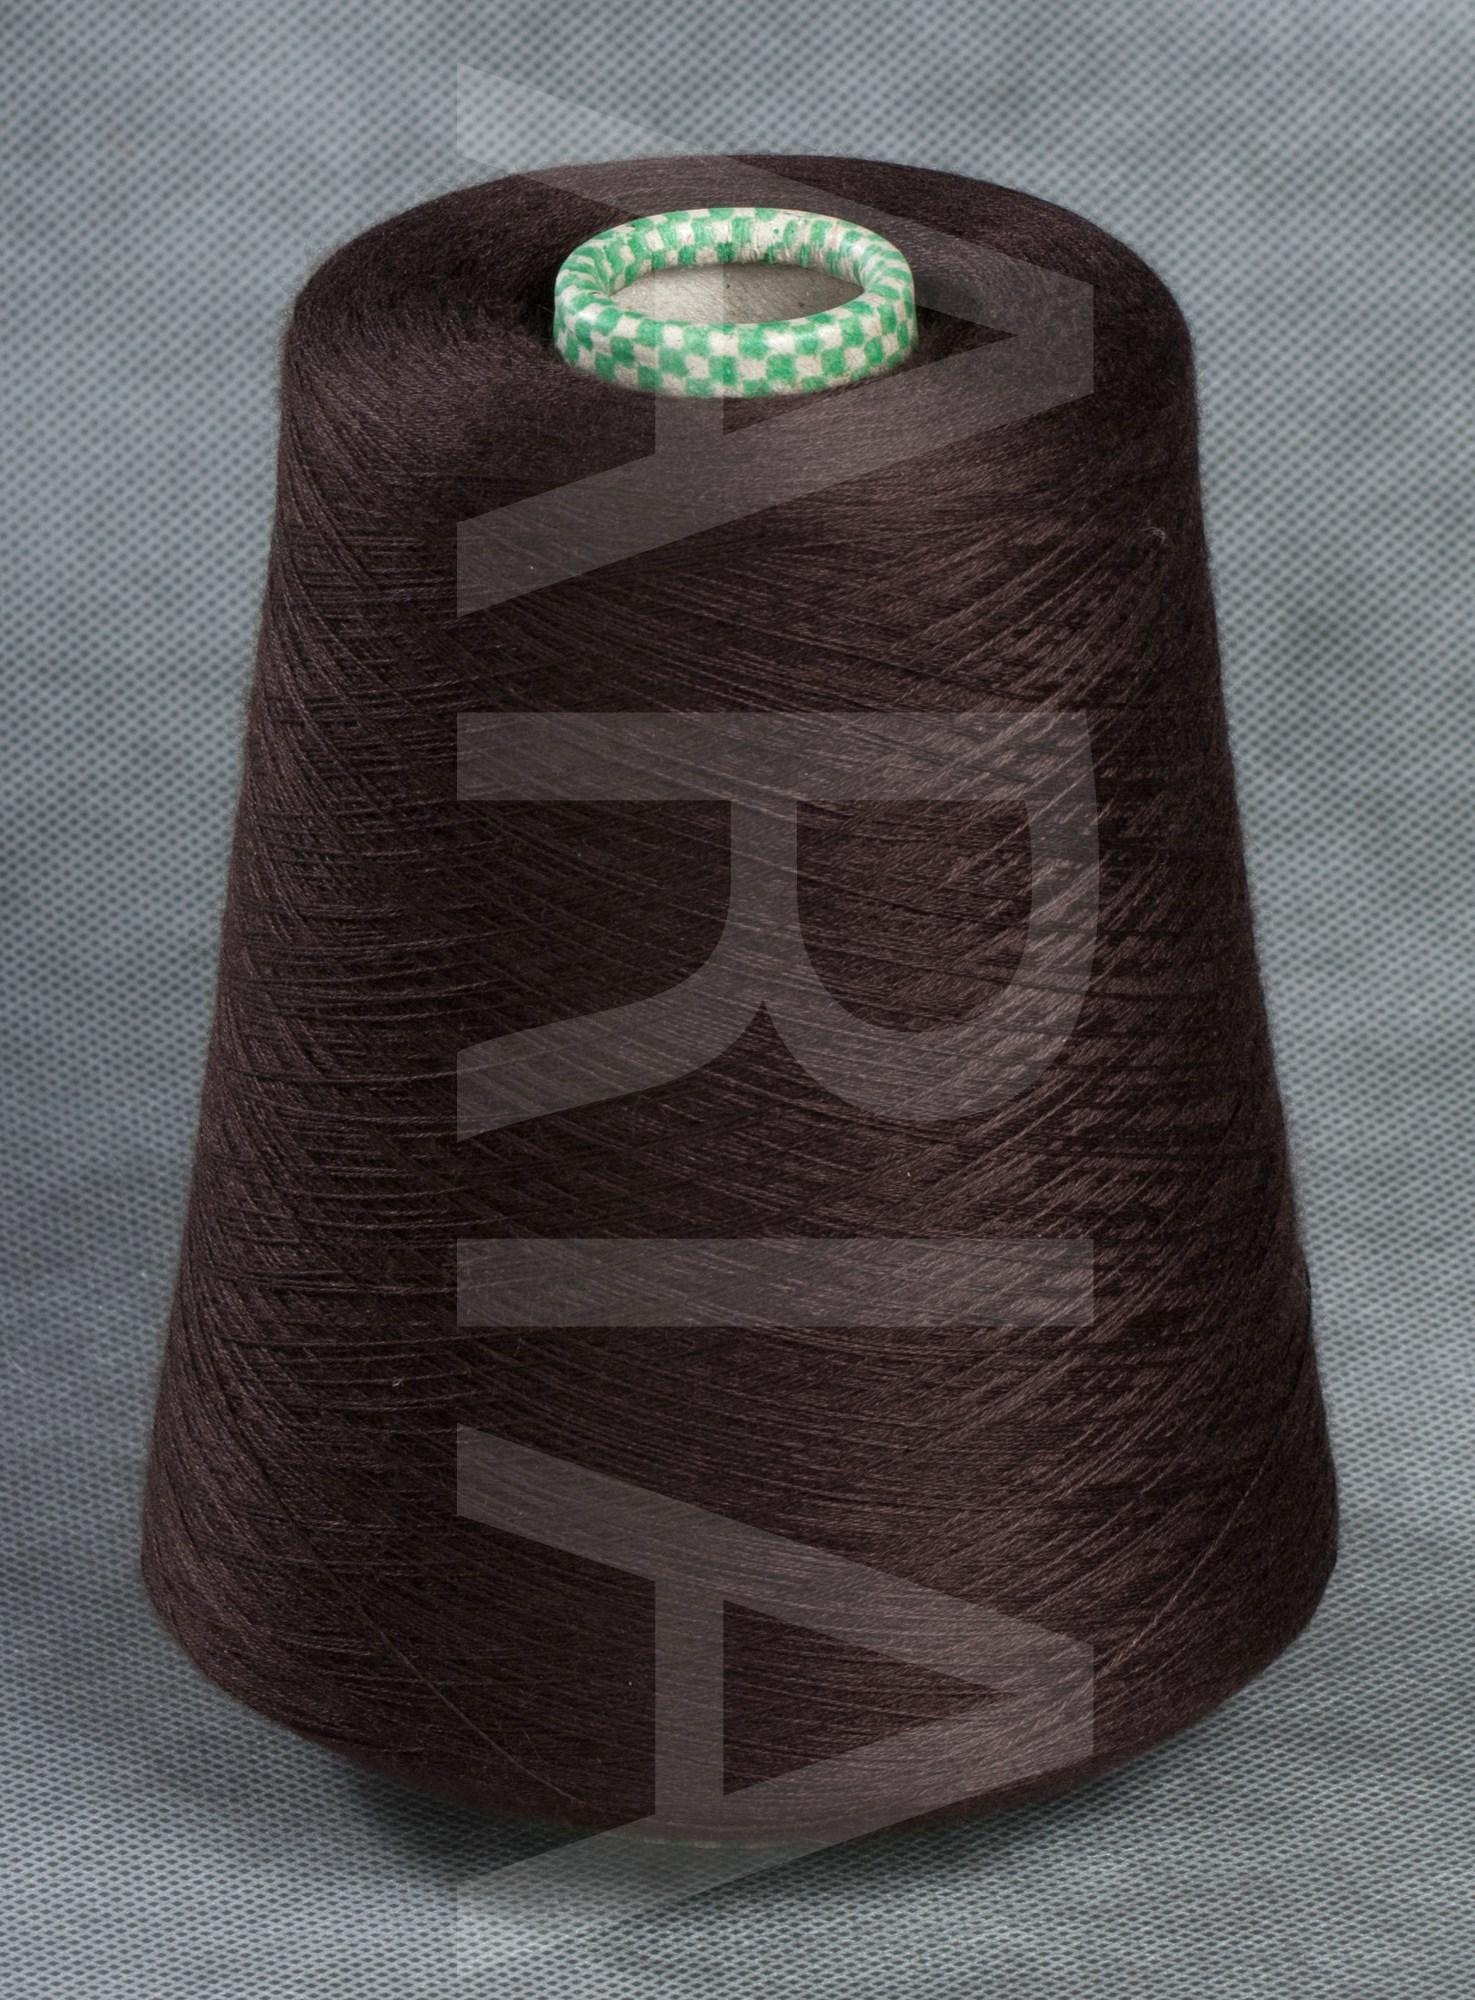 12176-Jaipur, кашемир с шелком, шоколад_купить в интернет-магазине yarnsnob.ru